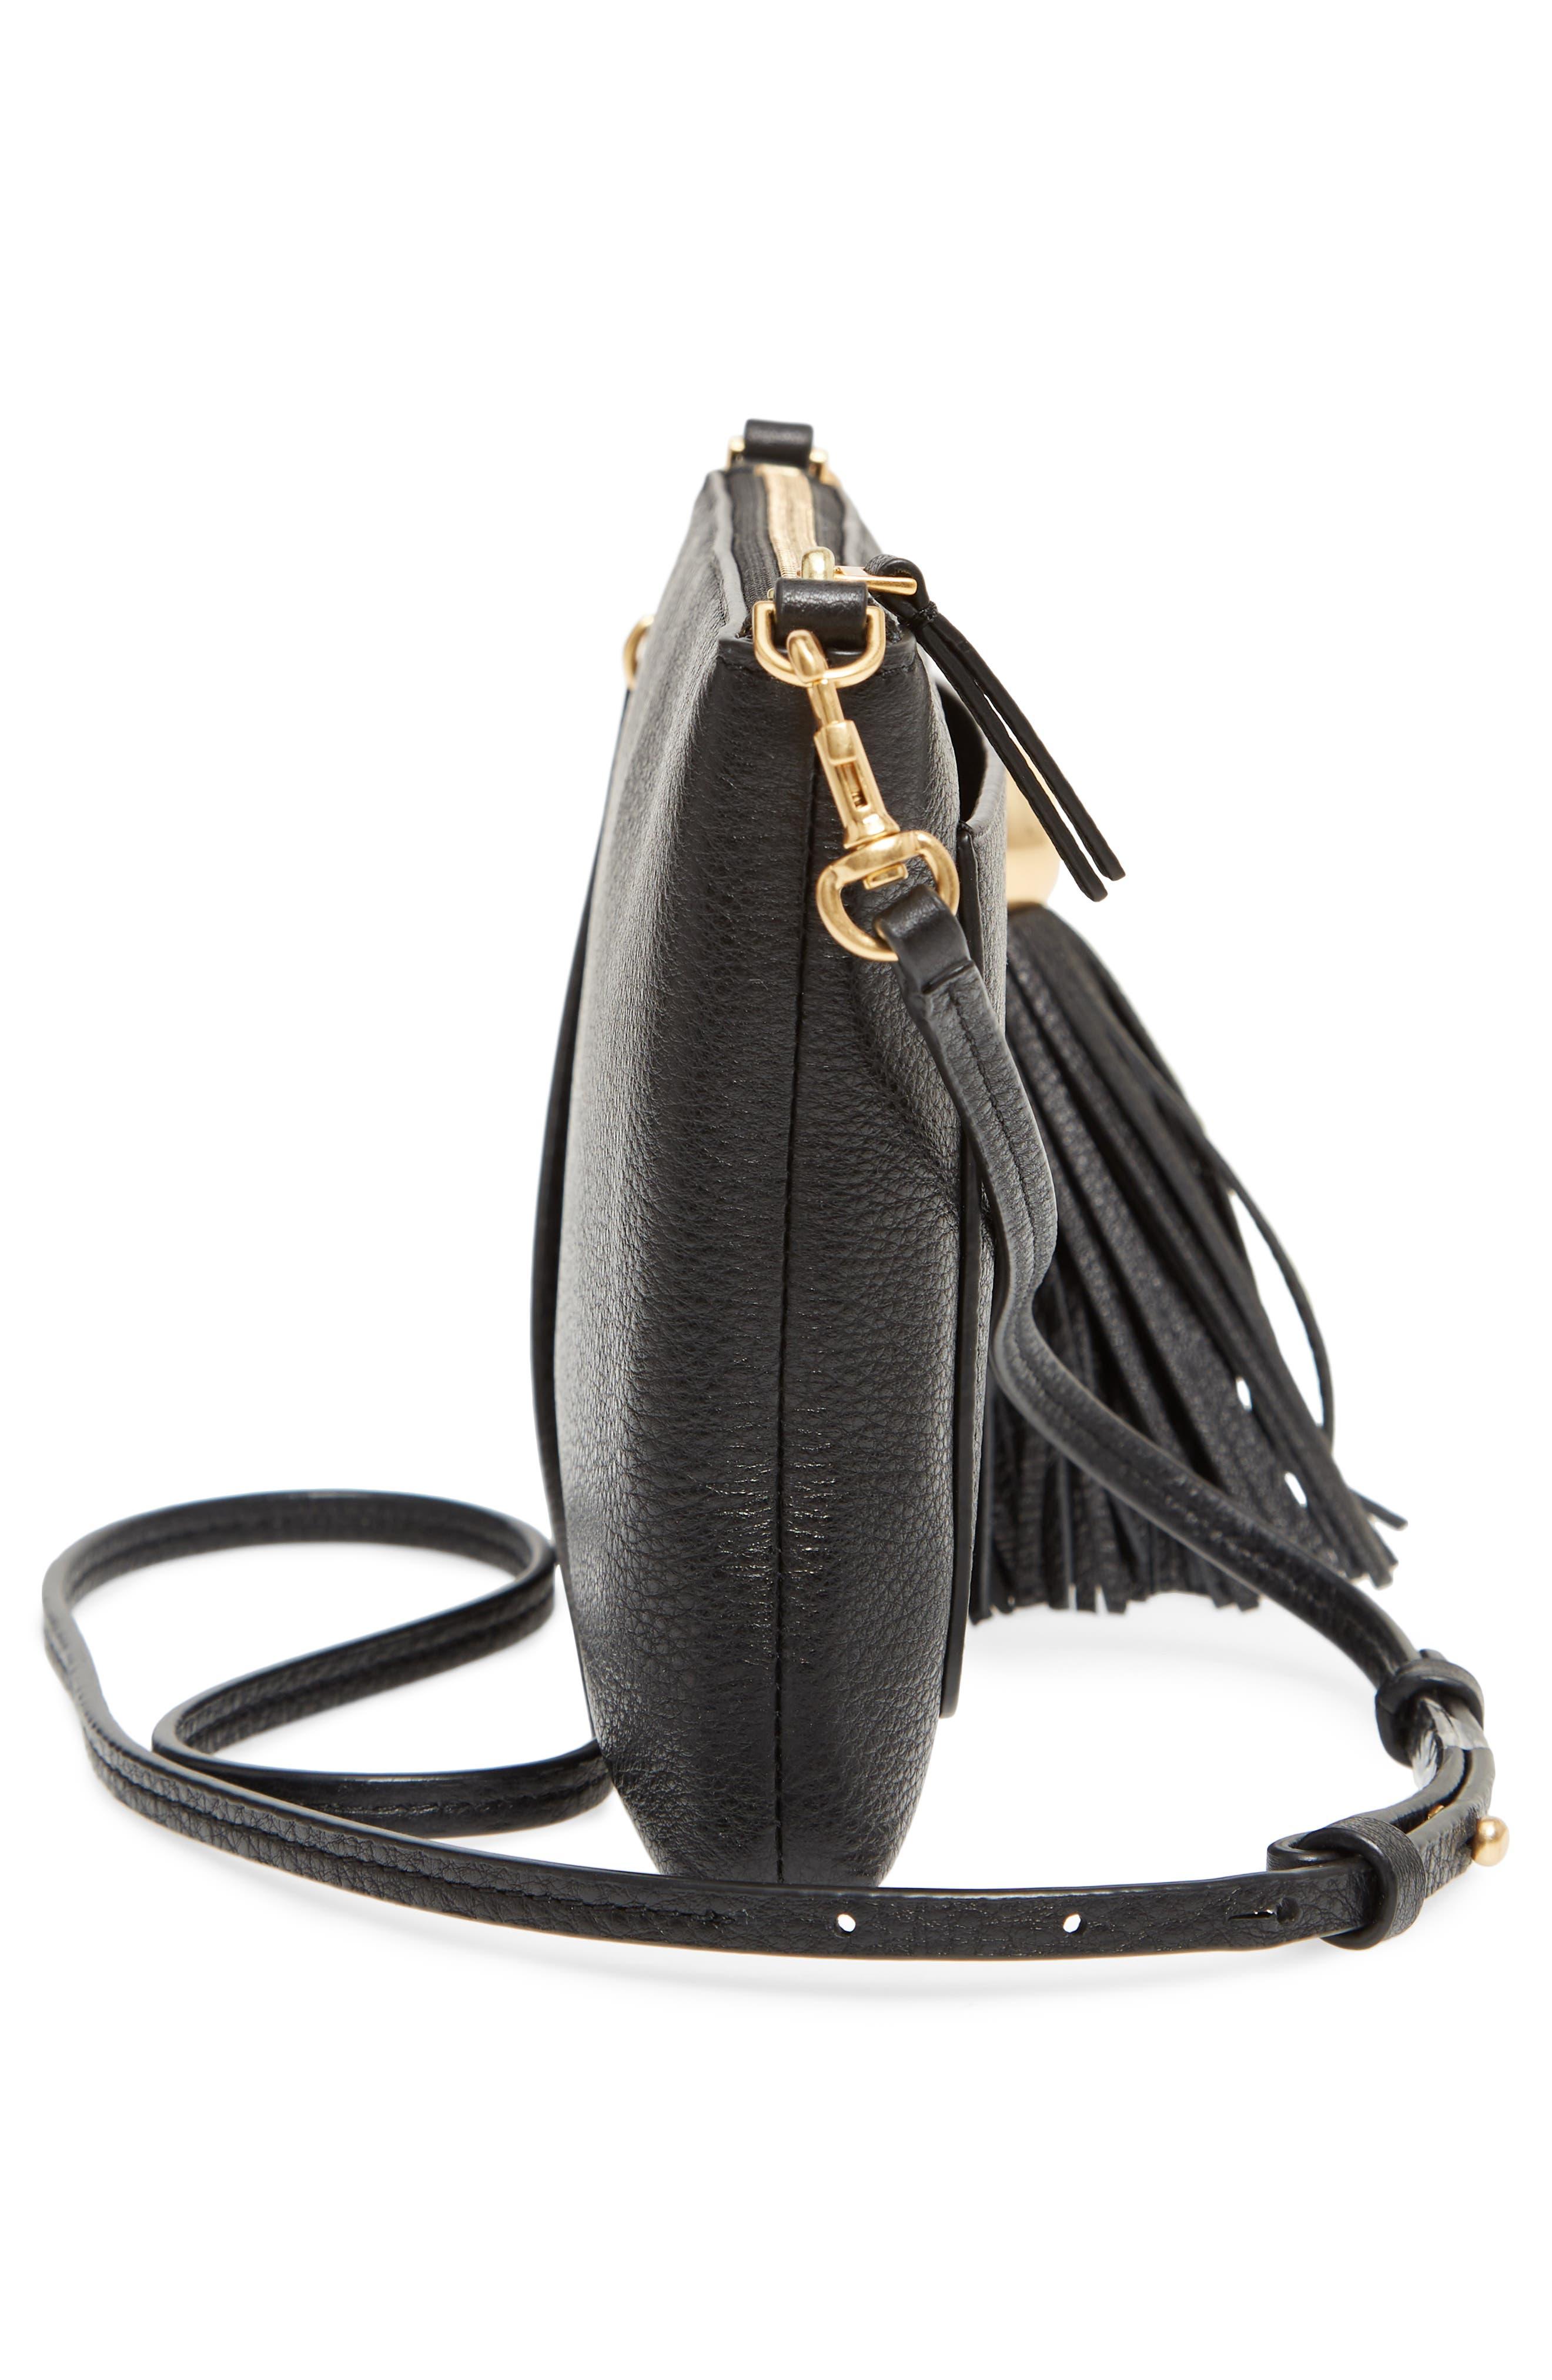 Tassel Leather Crossbody Bag,                             Alternate thumbnail 5, color,                             Black